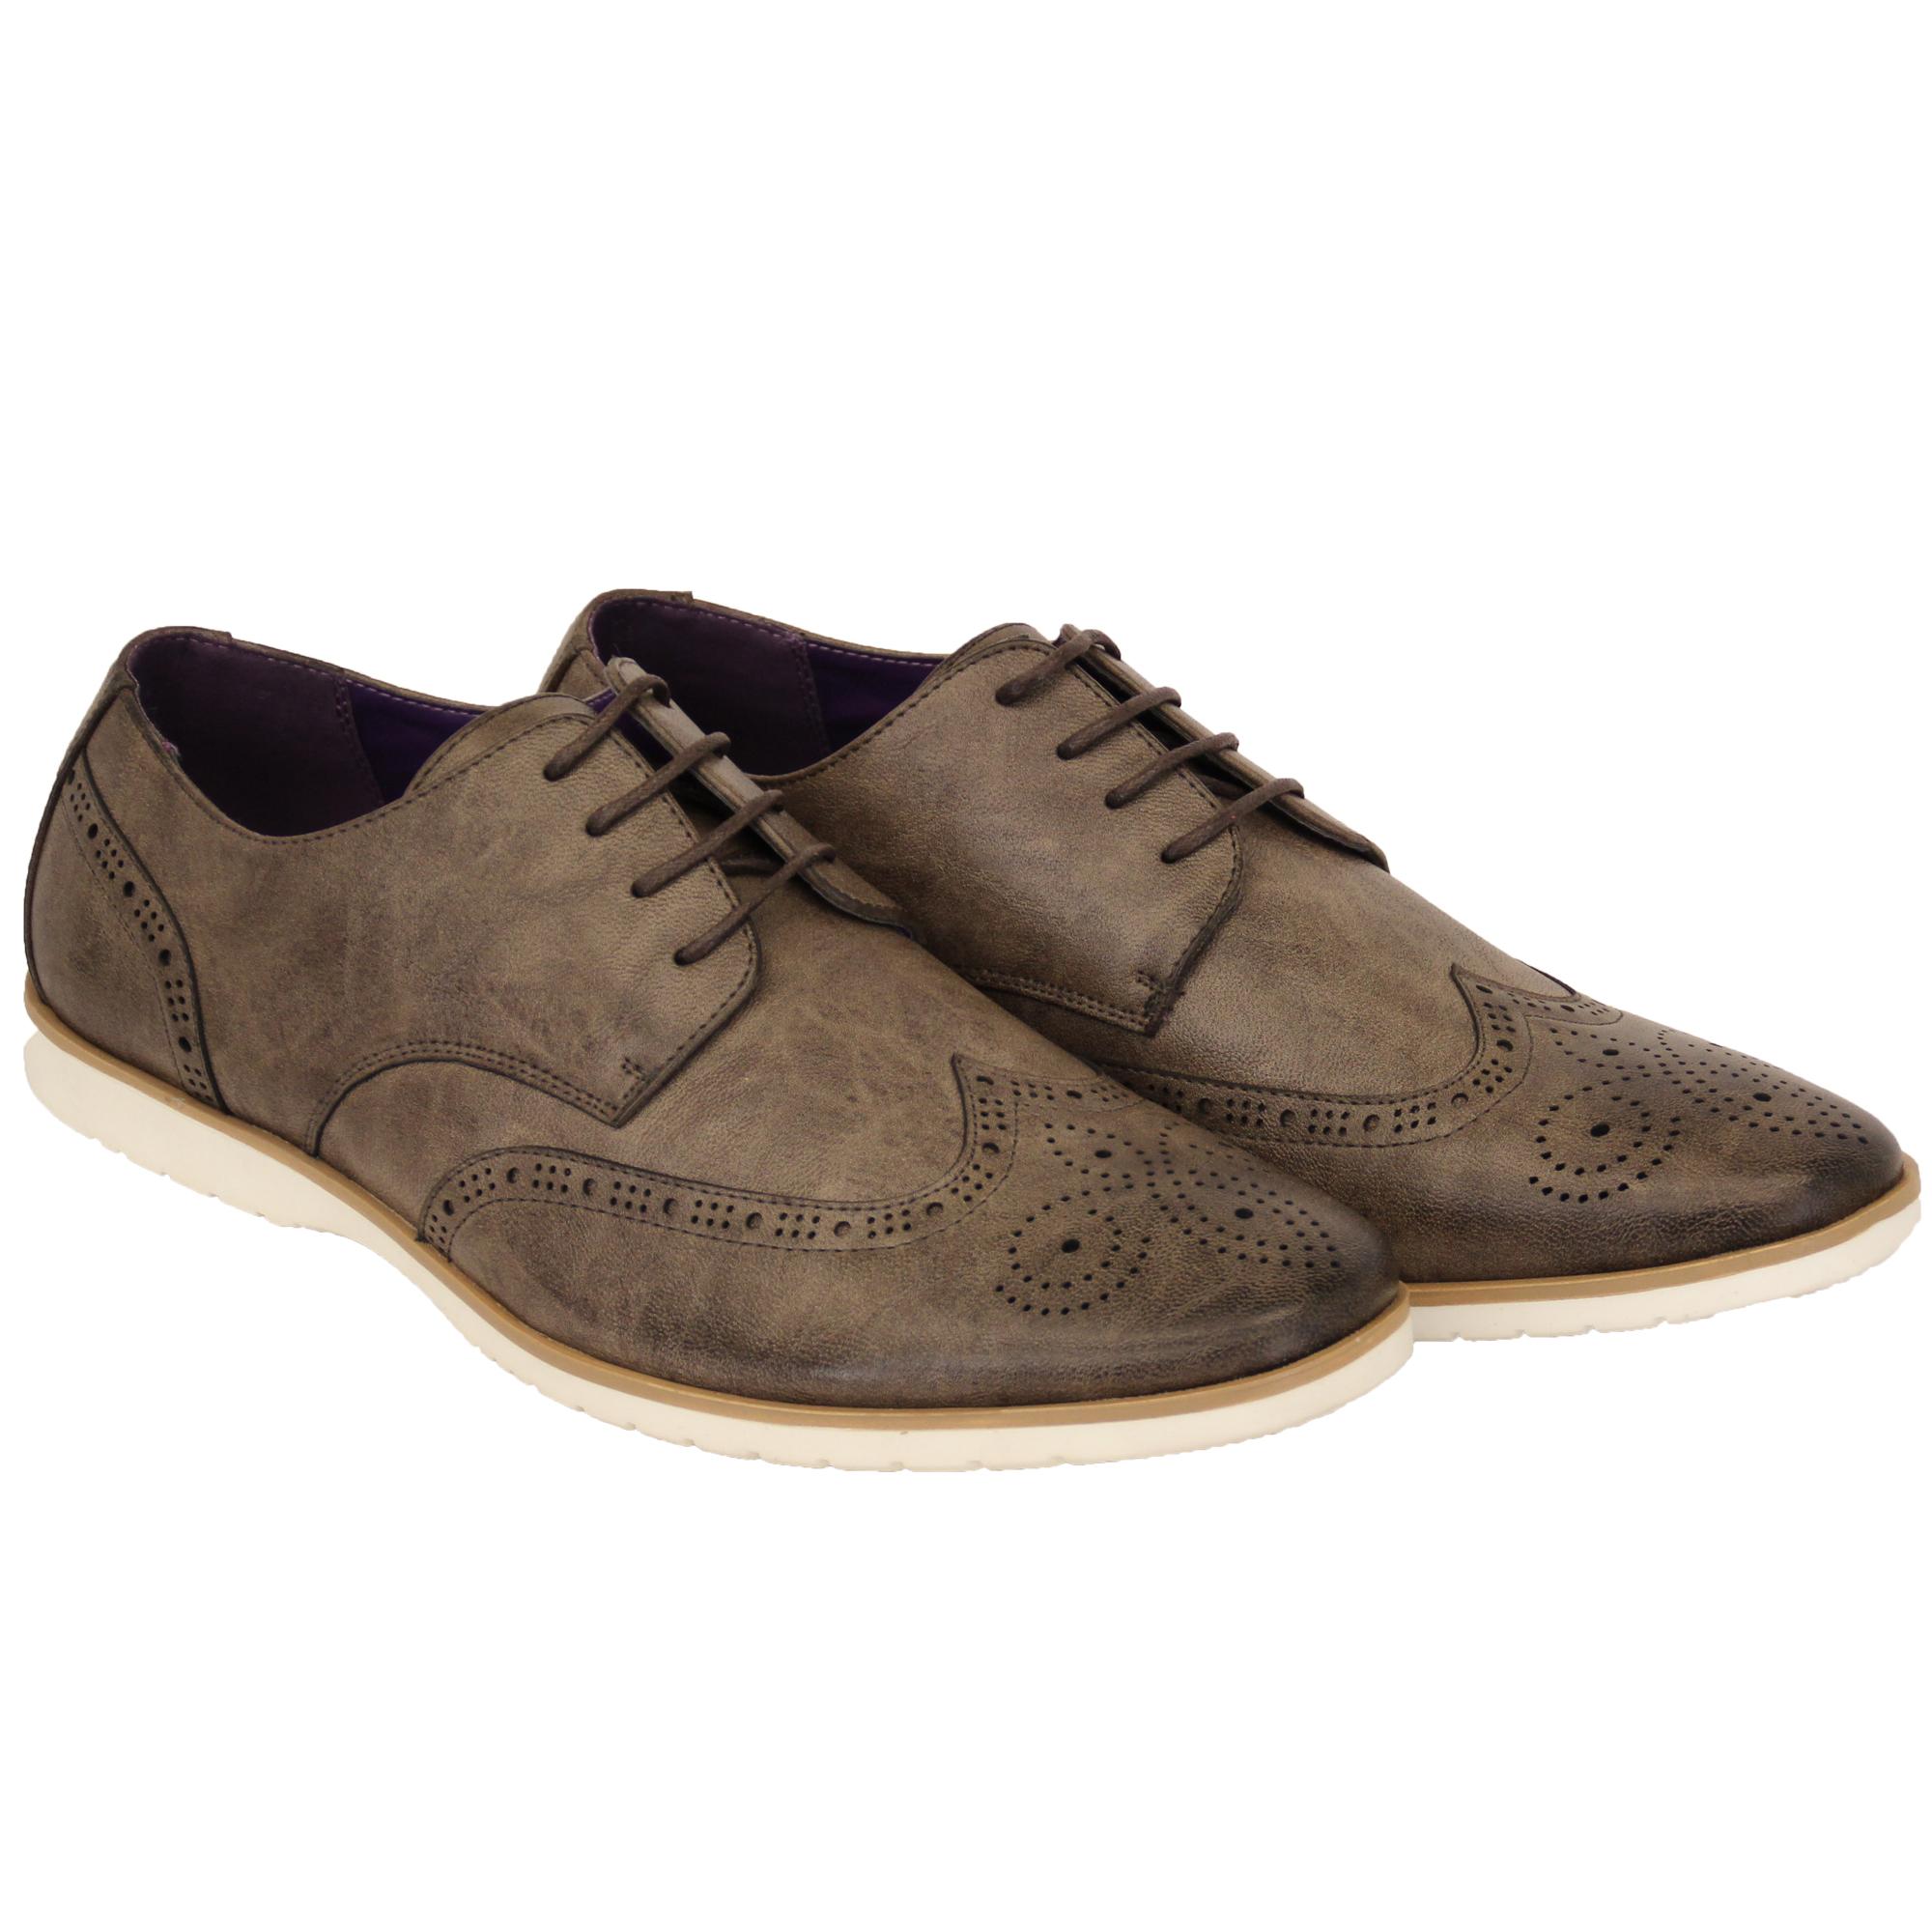 Hombre-Piel-Sintetica-Zapato-Oxford-Cordones-Punta-Afilada-Formal-Italiano-De